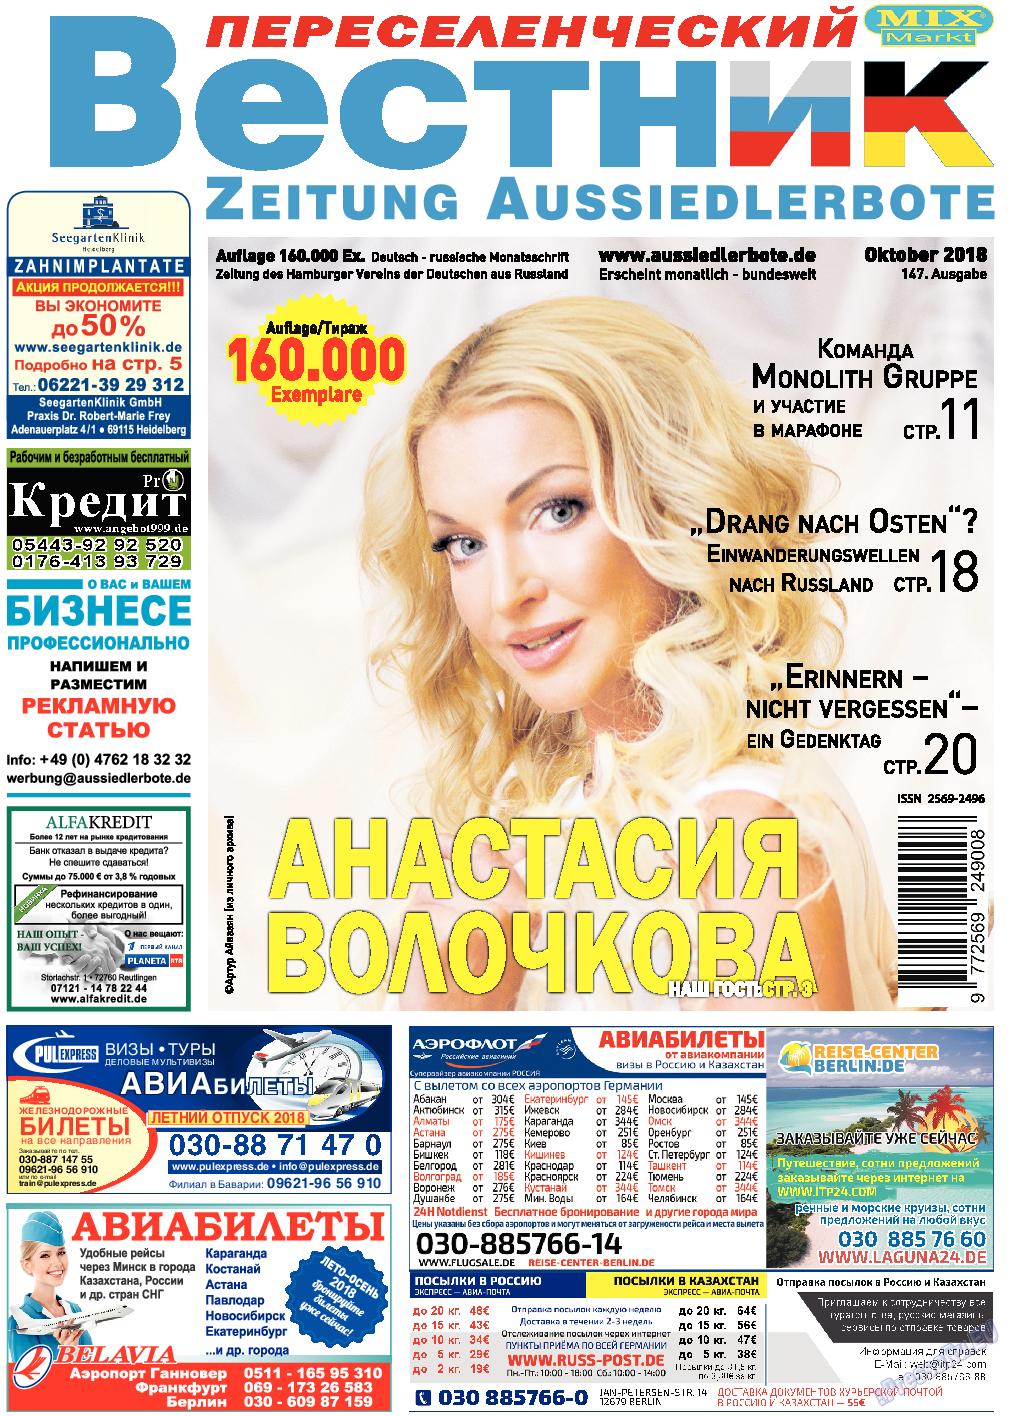 Переселенческий вестник (газета). 2018 год, номер 10, стр. 1